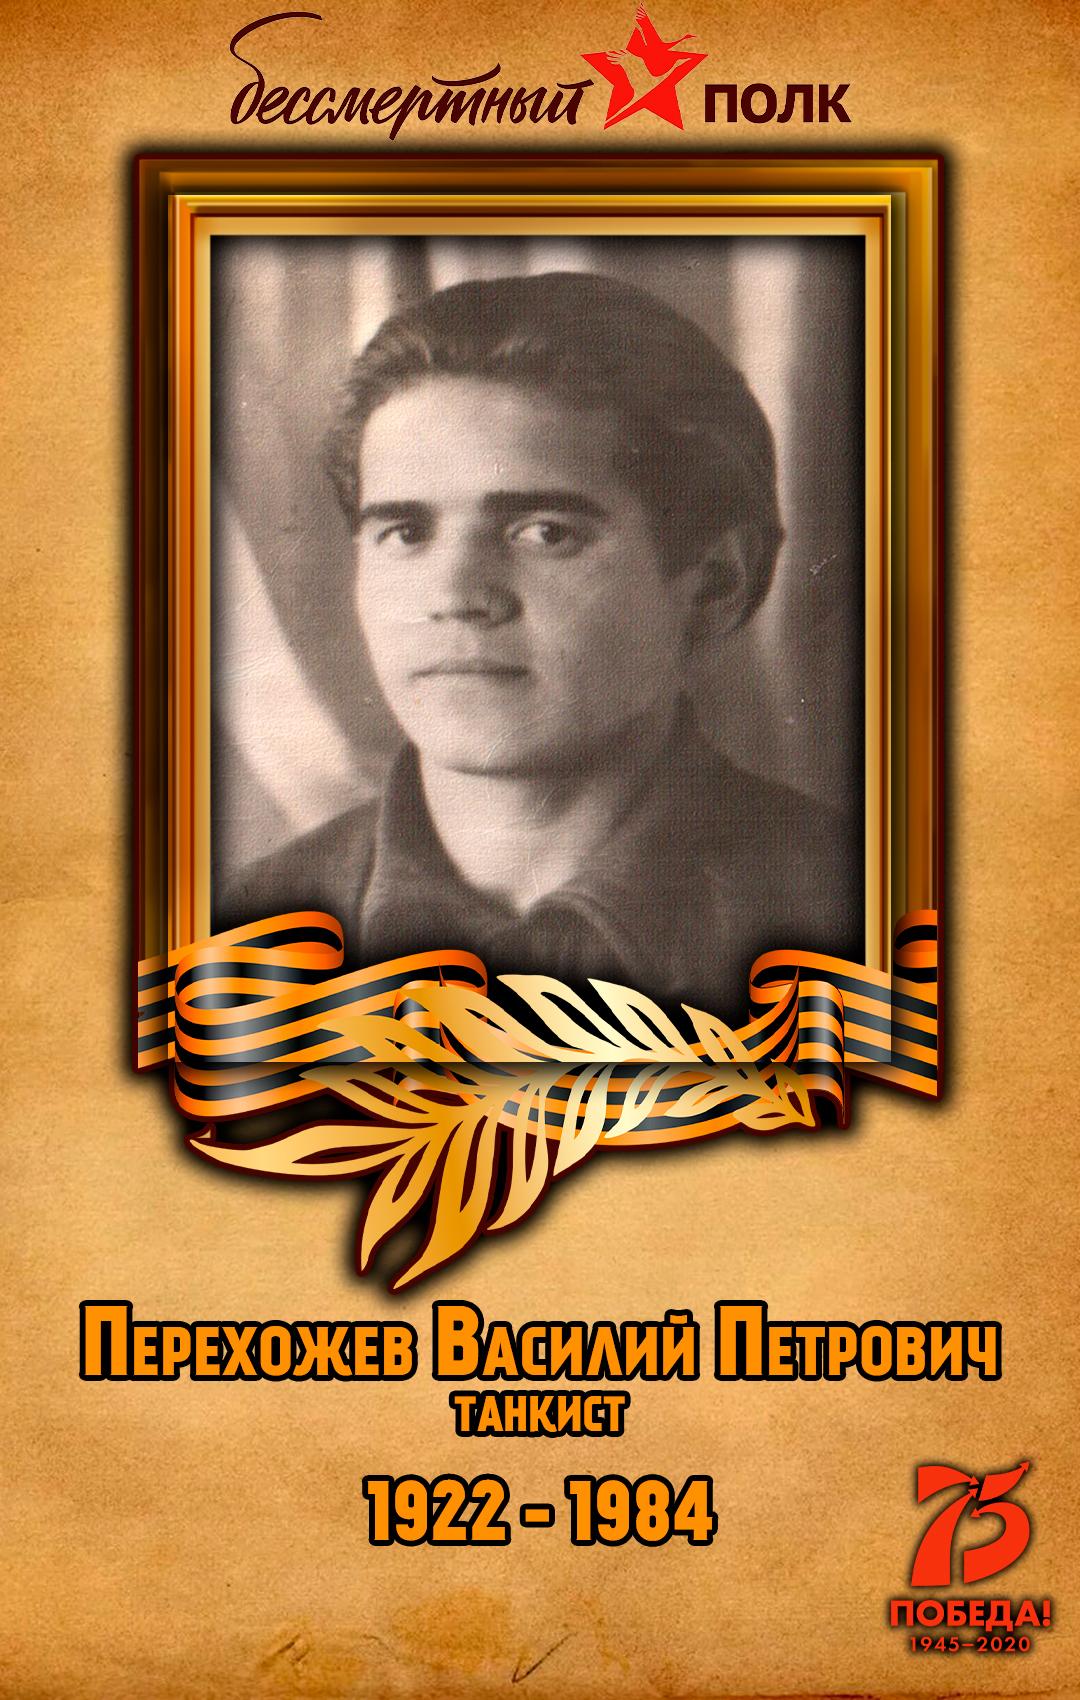 Перехожев-Василий-Петрович